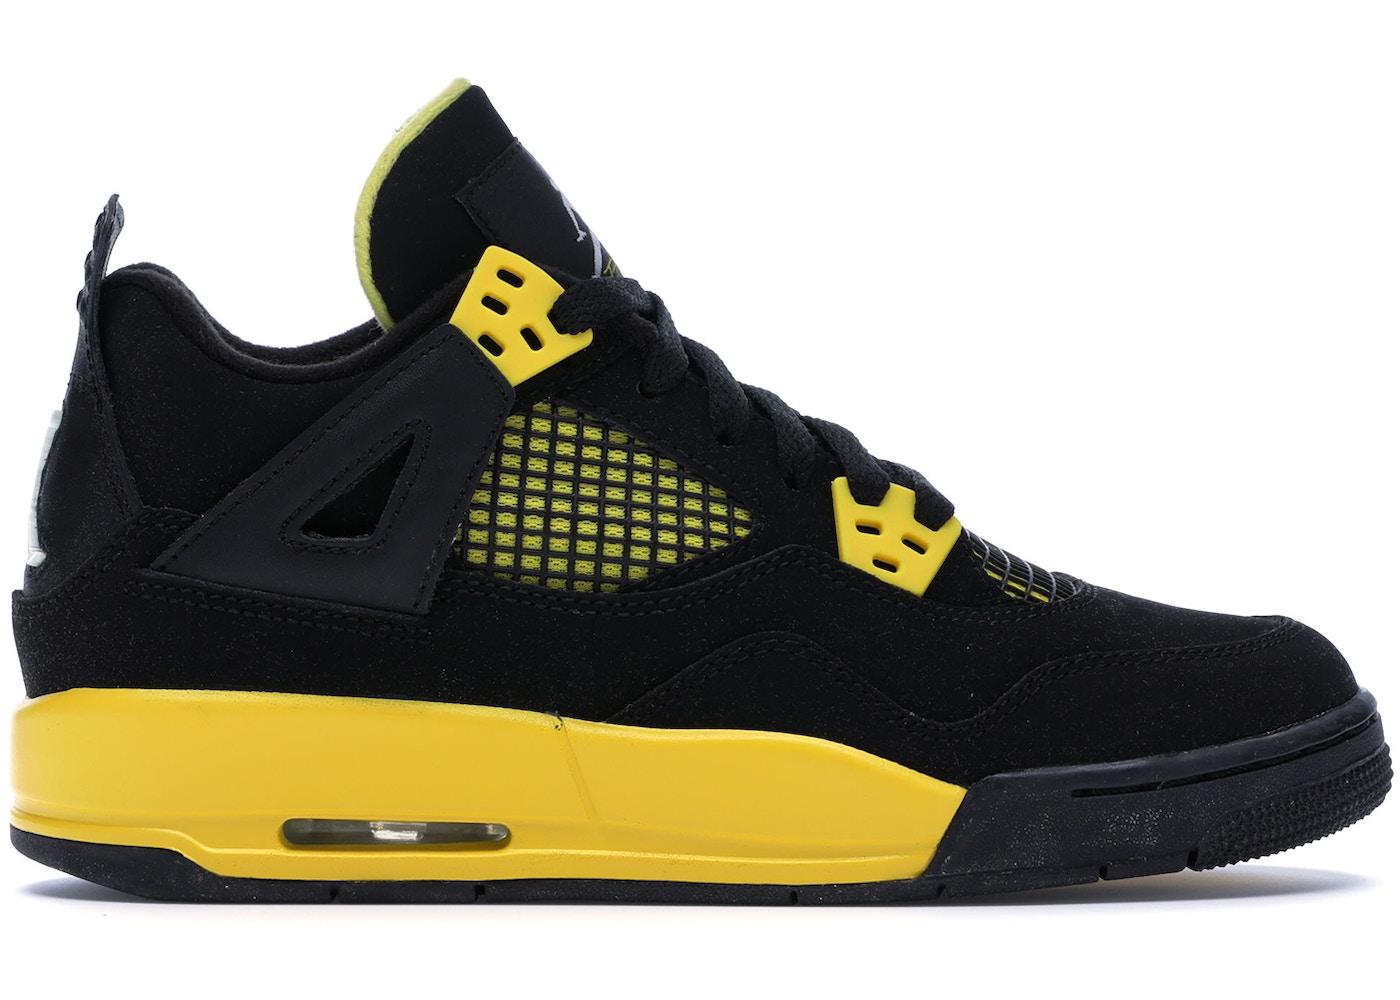 quality design ef4c8 d7f74 Air Jordan 4 Shoes - Price Premium